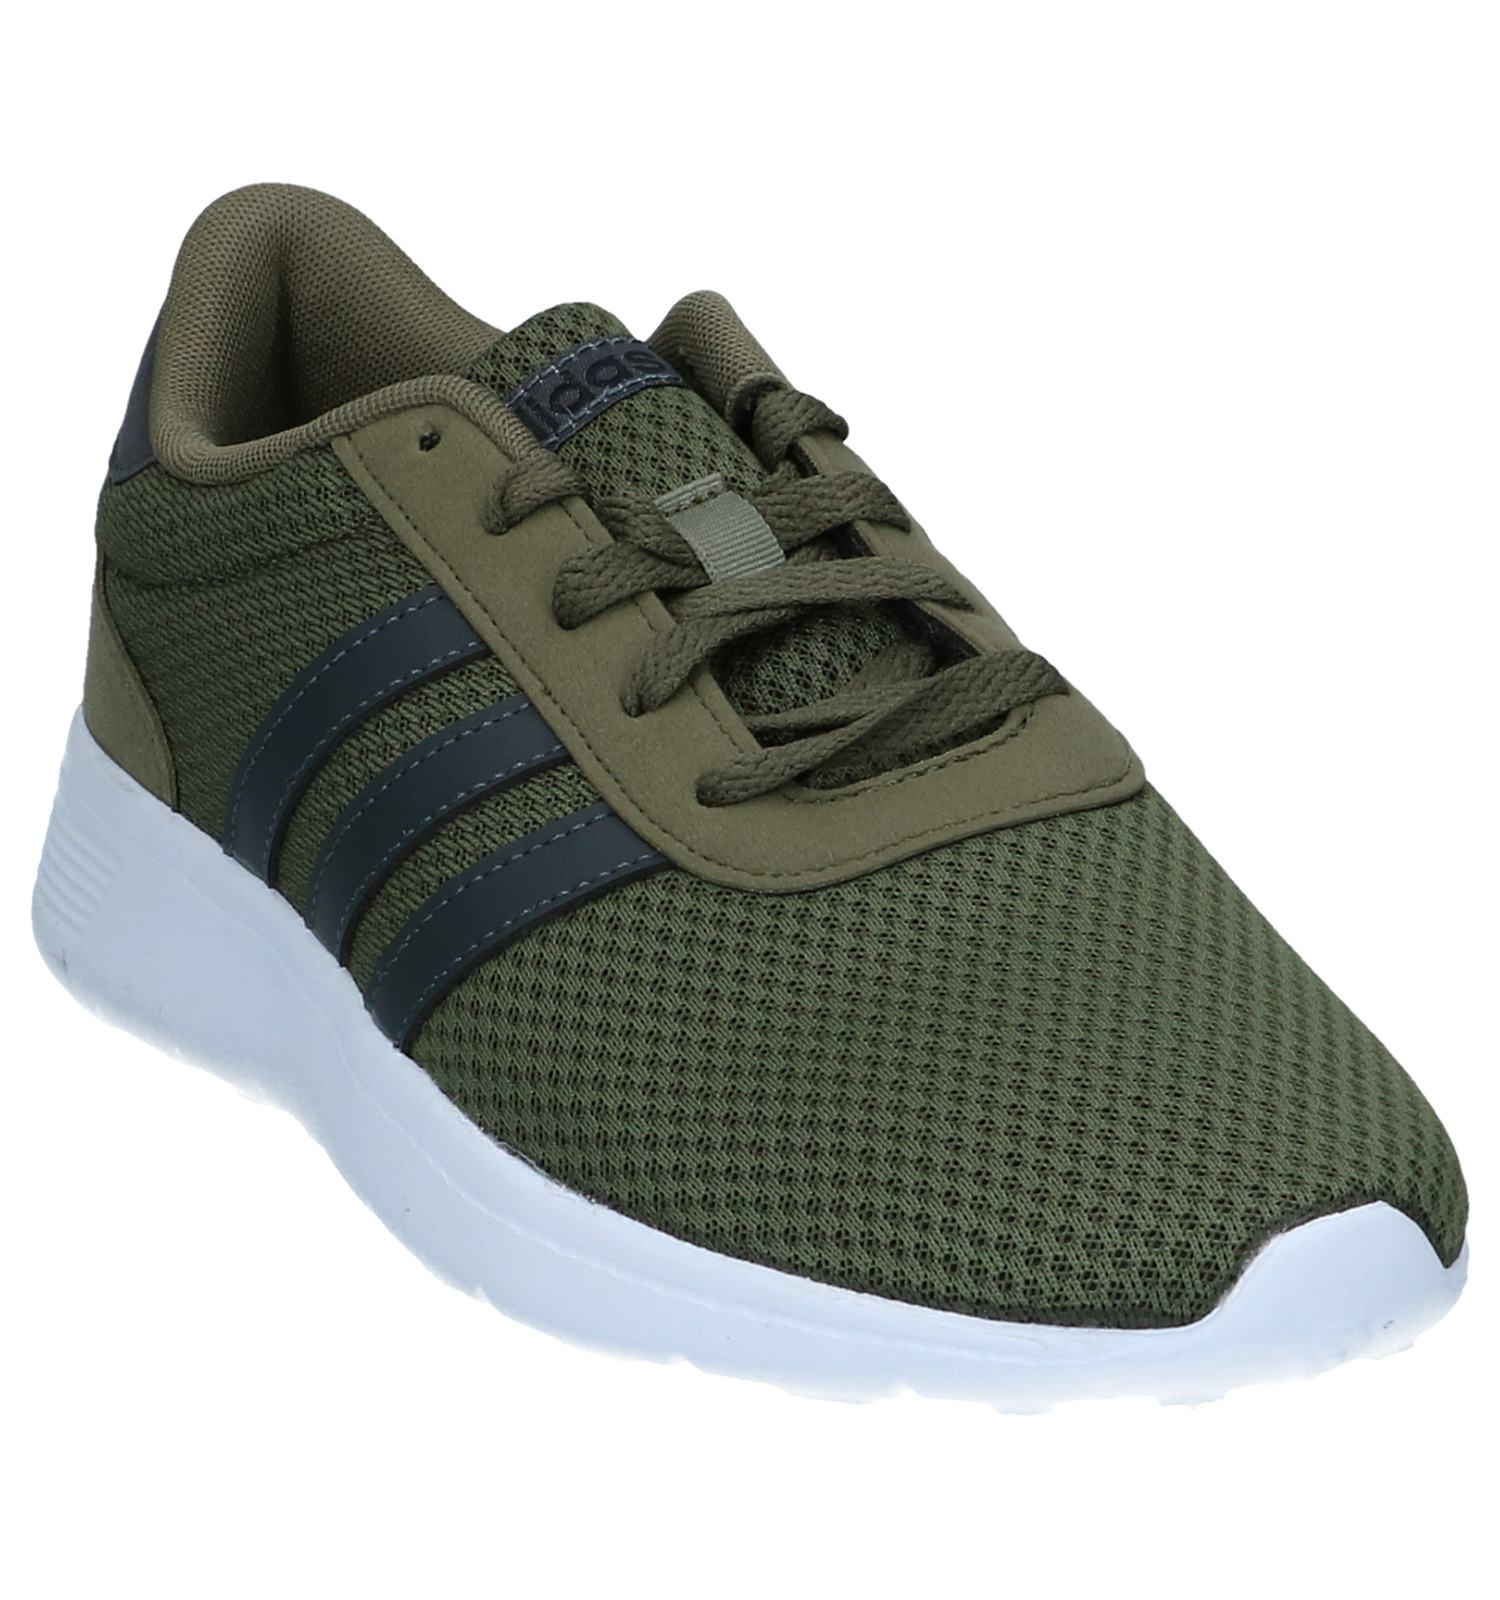 98e6b4b053f Kaki Runner Sneakers adidas Lite Racer | TORFS.BE | Gratis verzend en retour